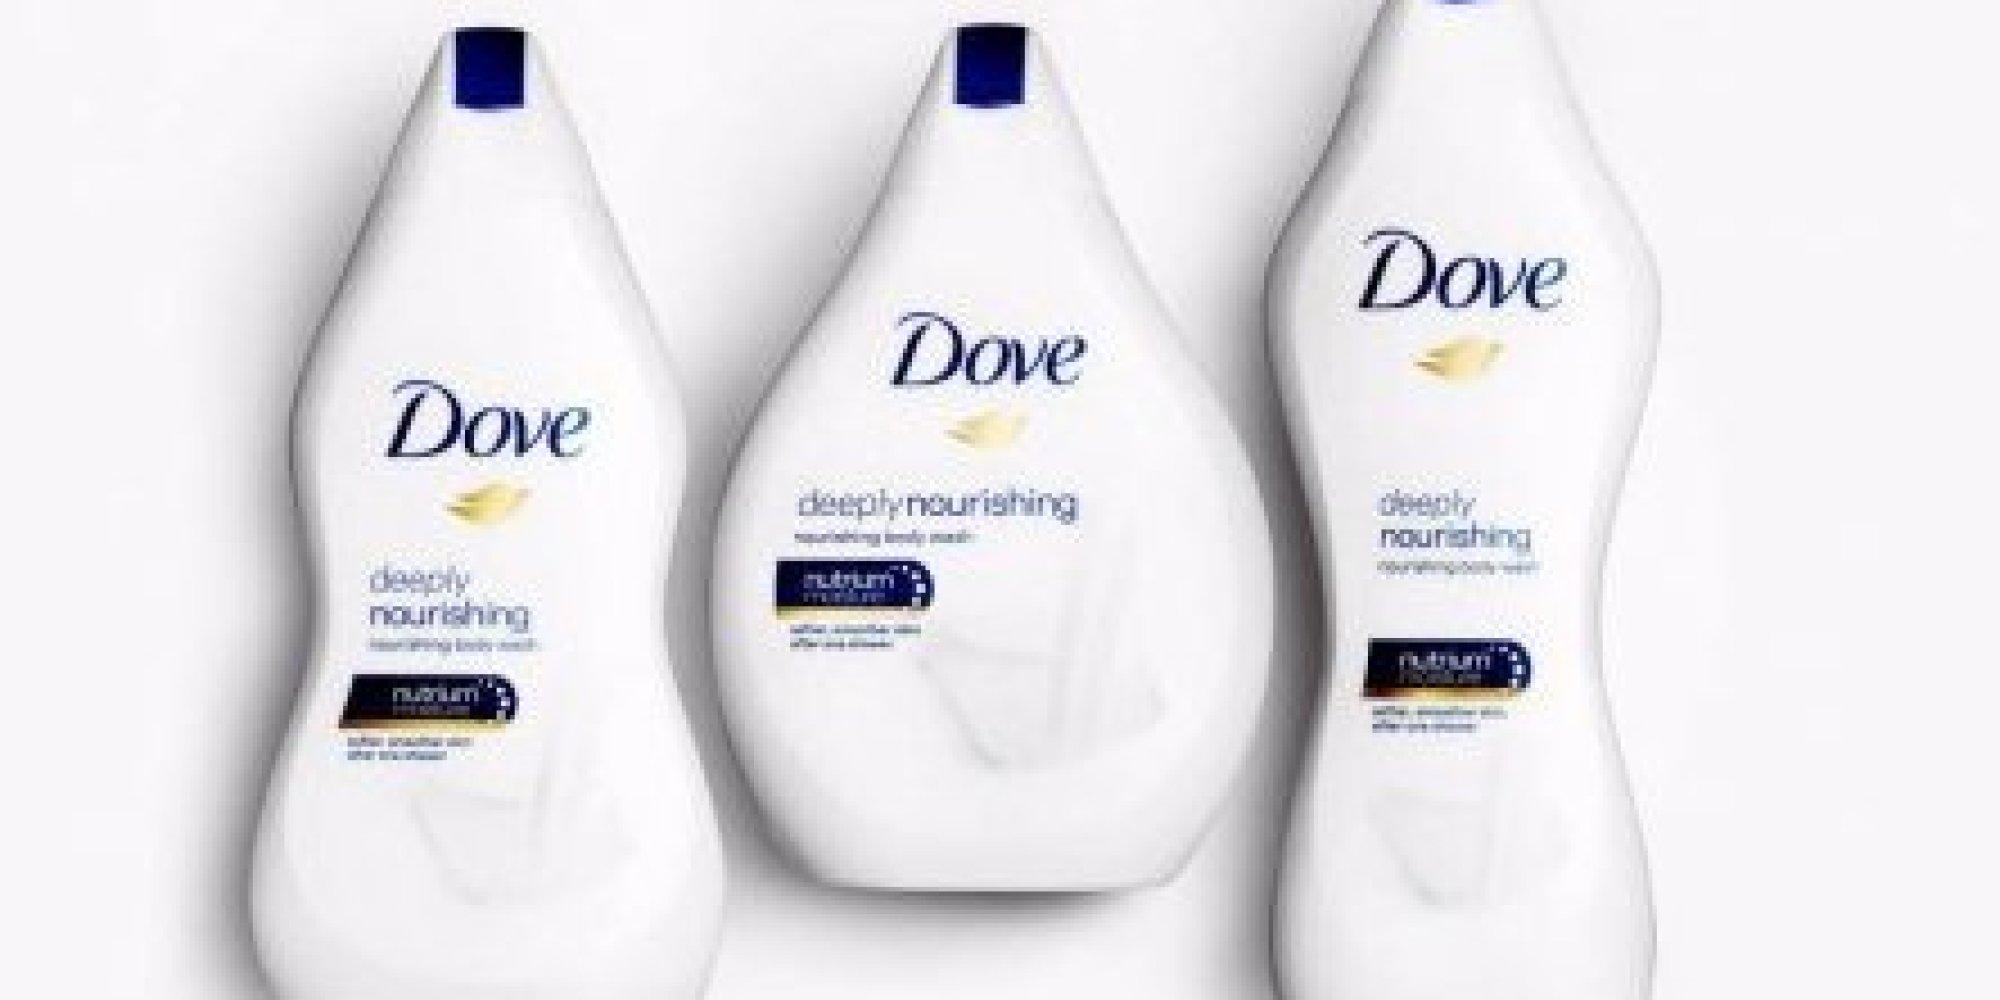 Dove, mit eurem neuen Produkt macht ihr euch lächerlich